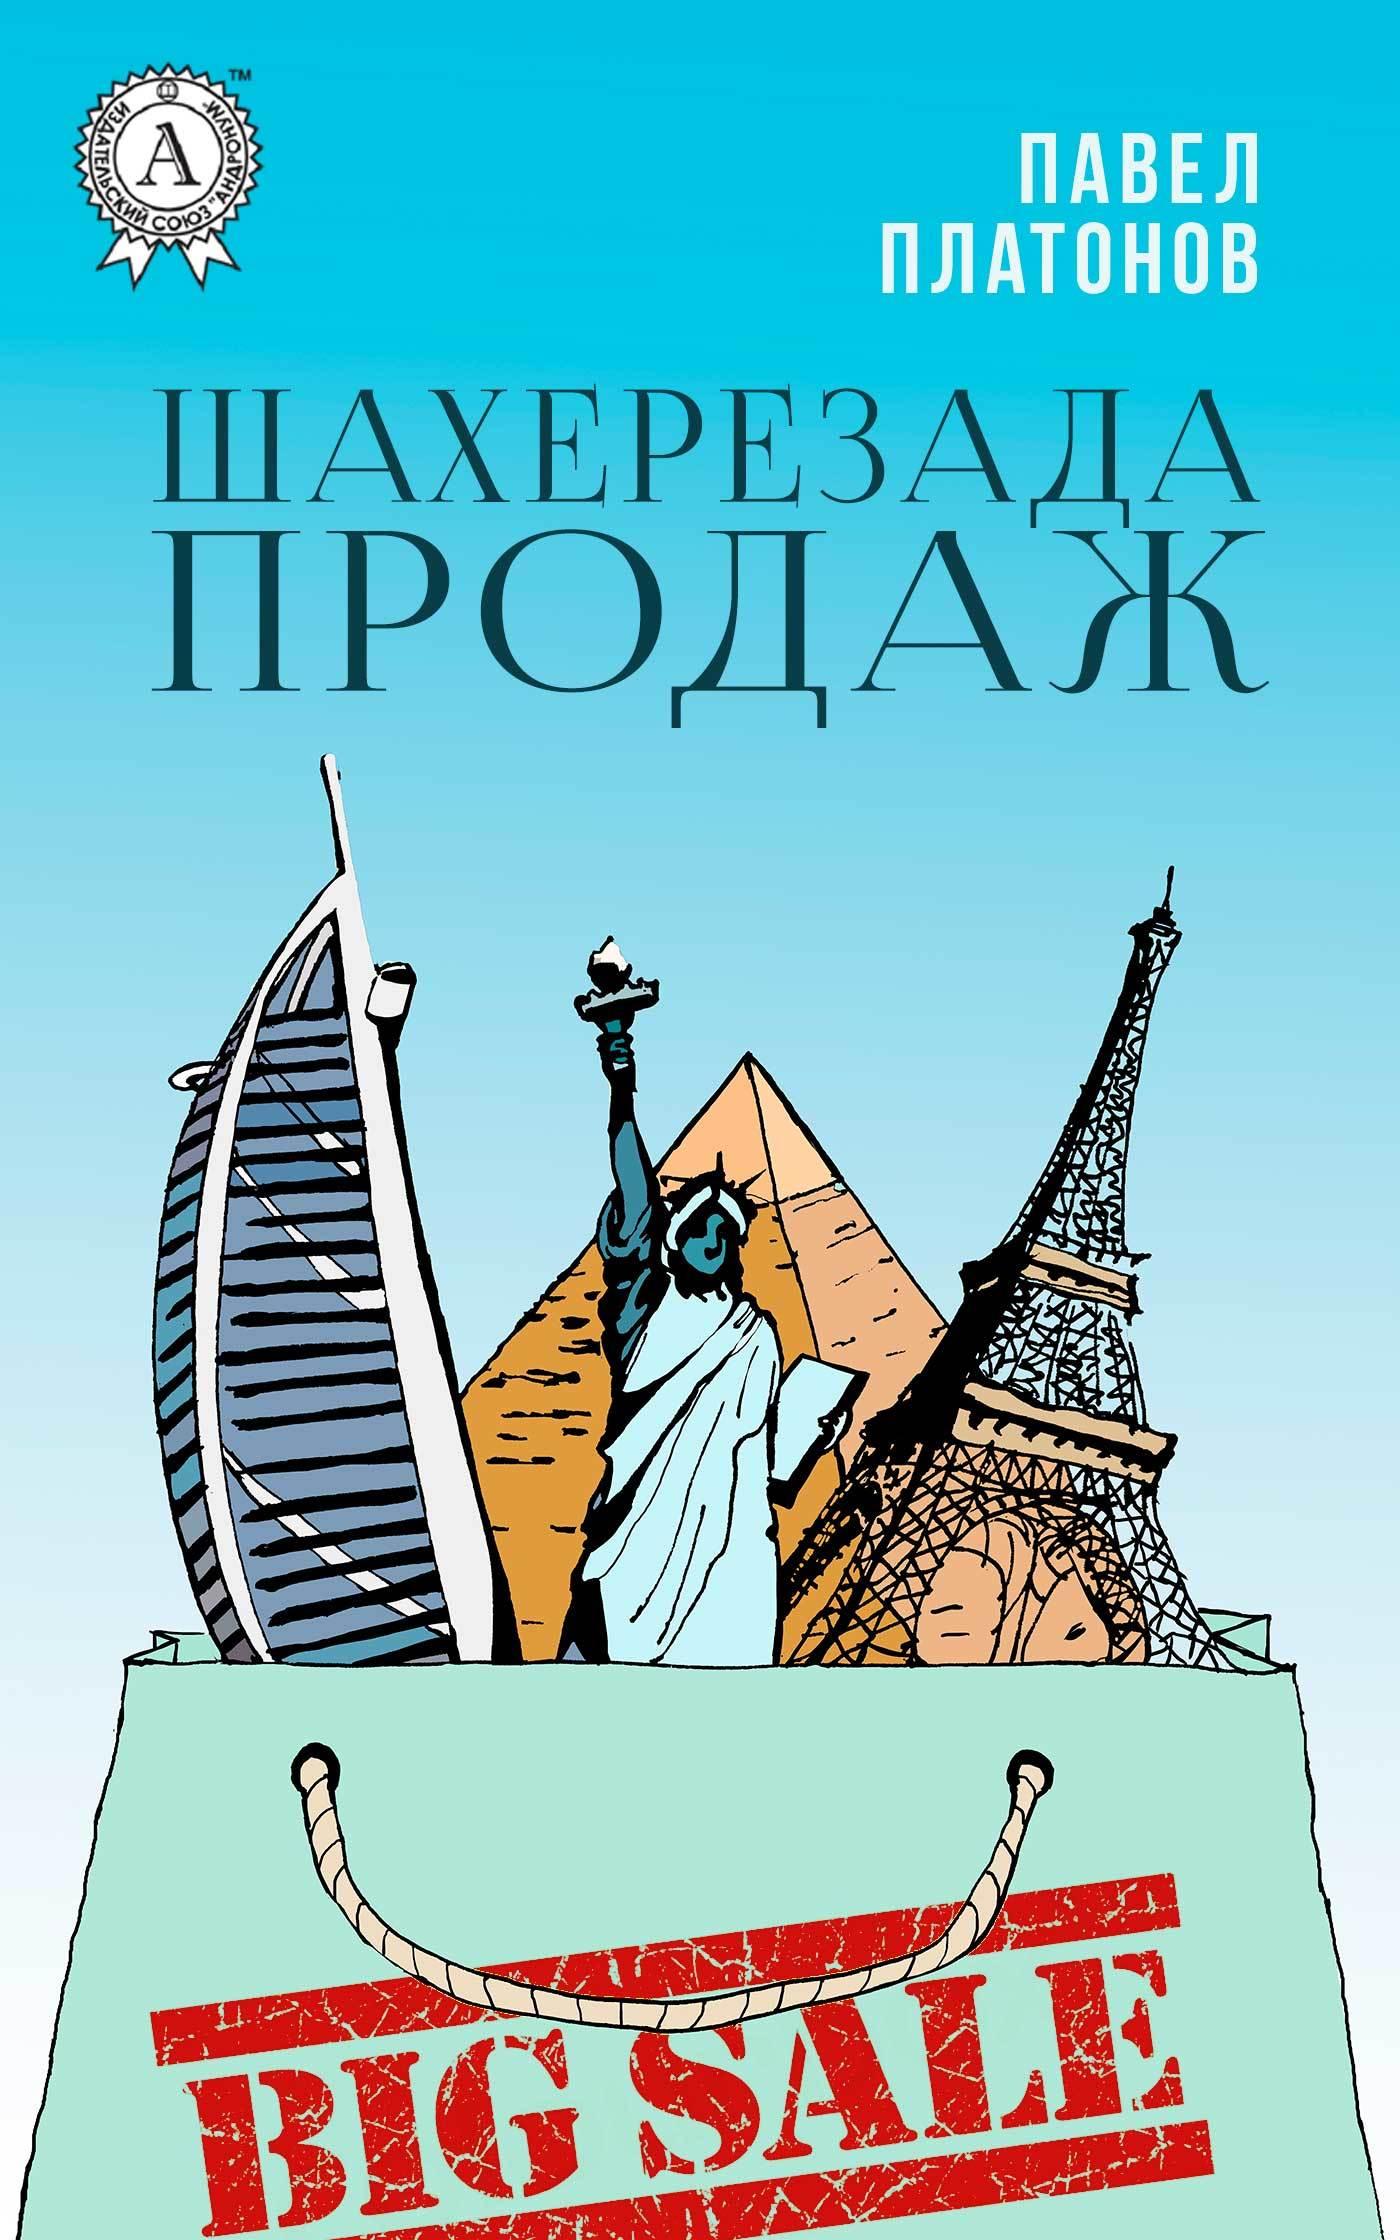 Обложка книги. Автор - Павел Платонов